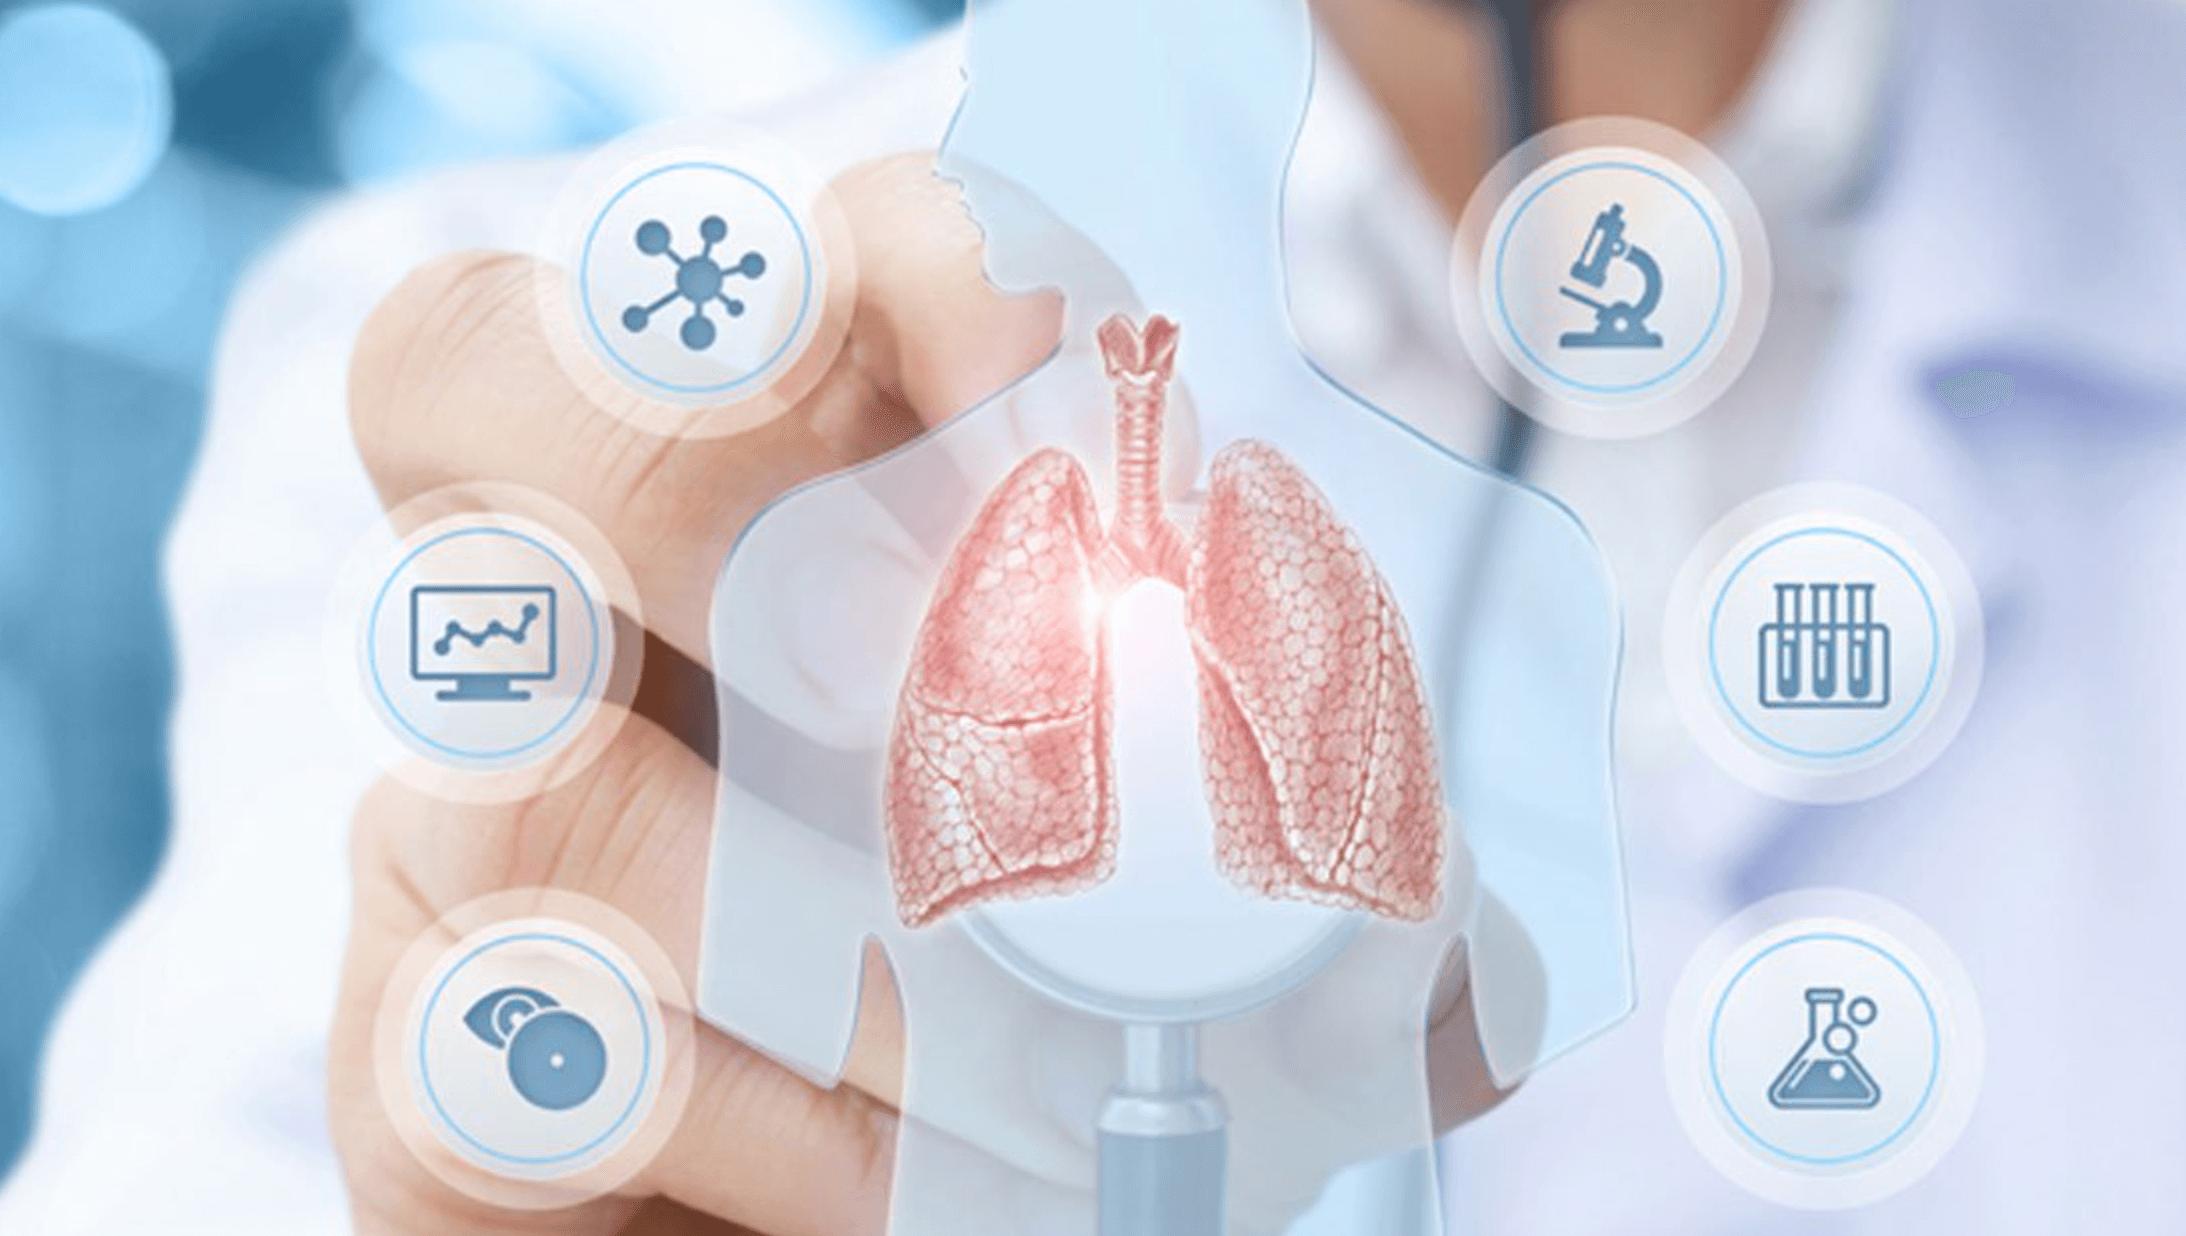 폐-건강관리